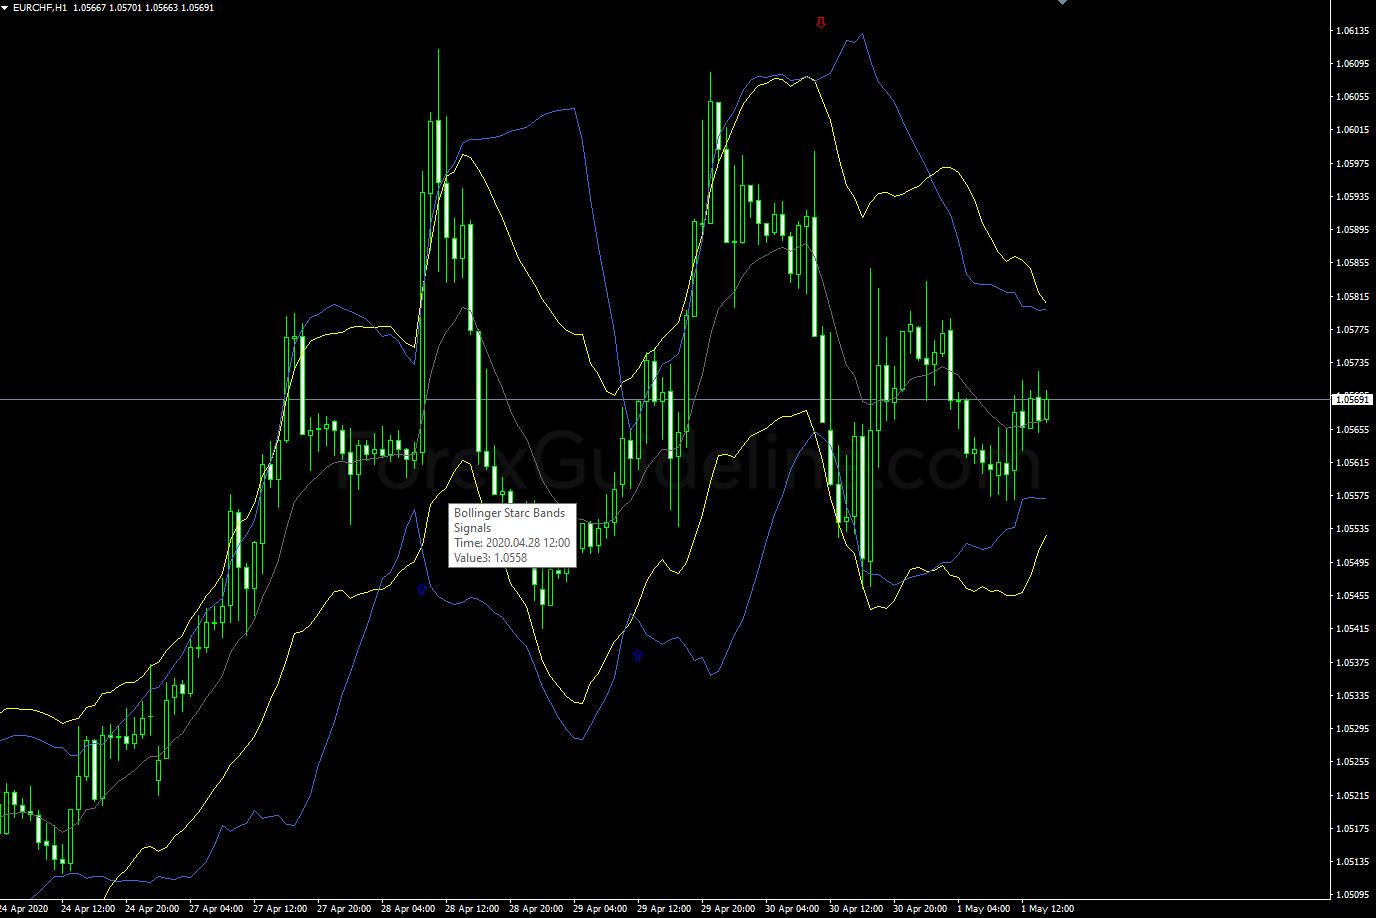 bollinger starc bands signals